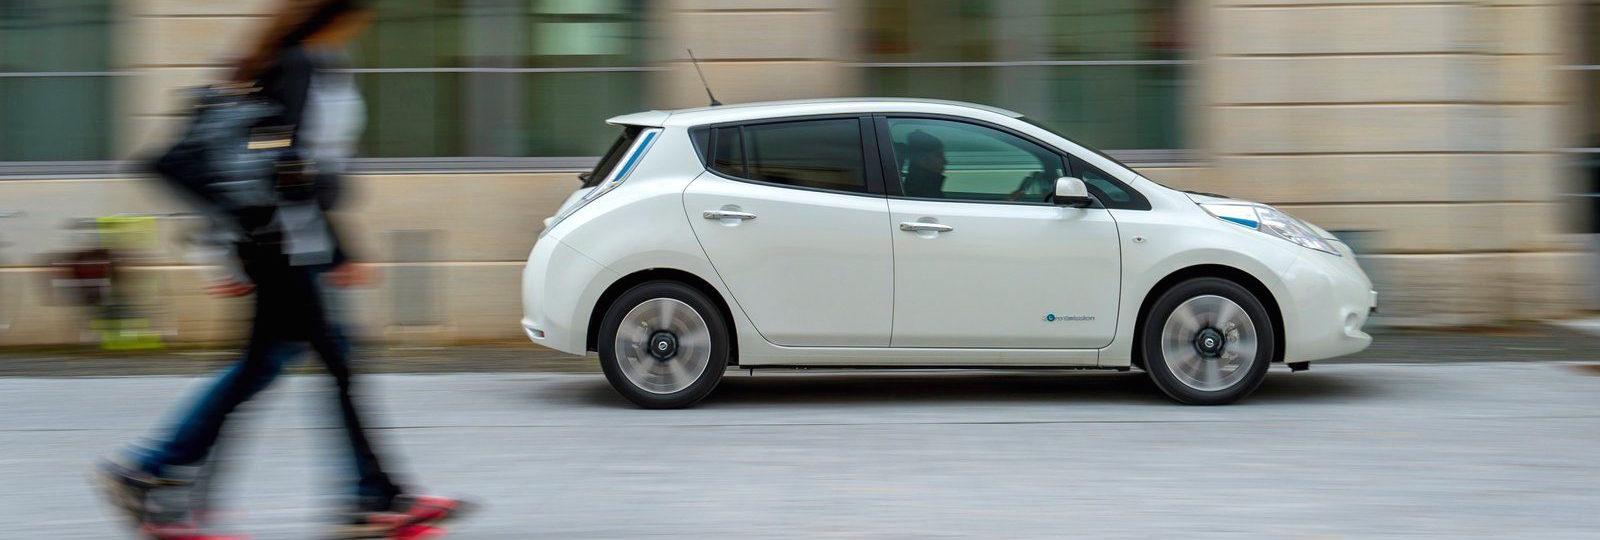 Alles Over Het Opladen Van Elektrische Auto S Be Newmotion